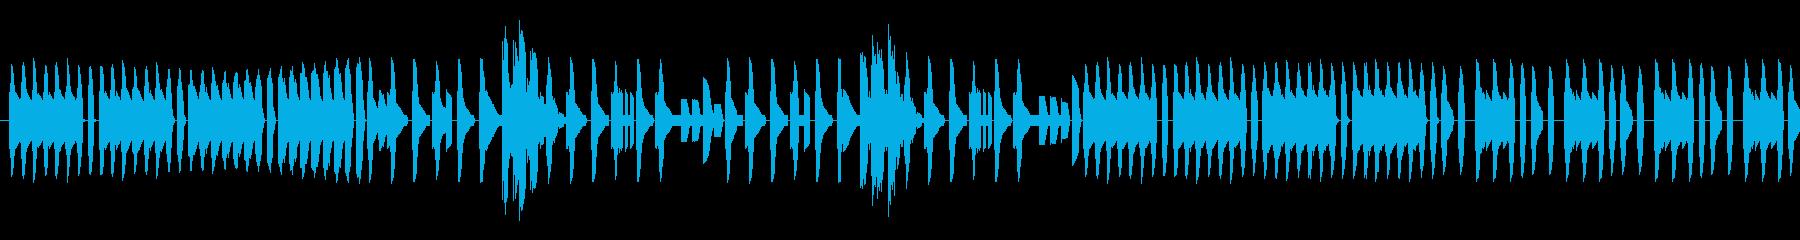 ゲーム/飛空/レトロ/シューティングの再生済みの波形